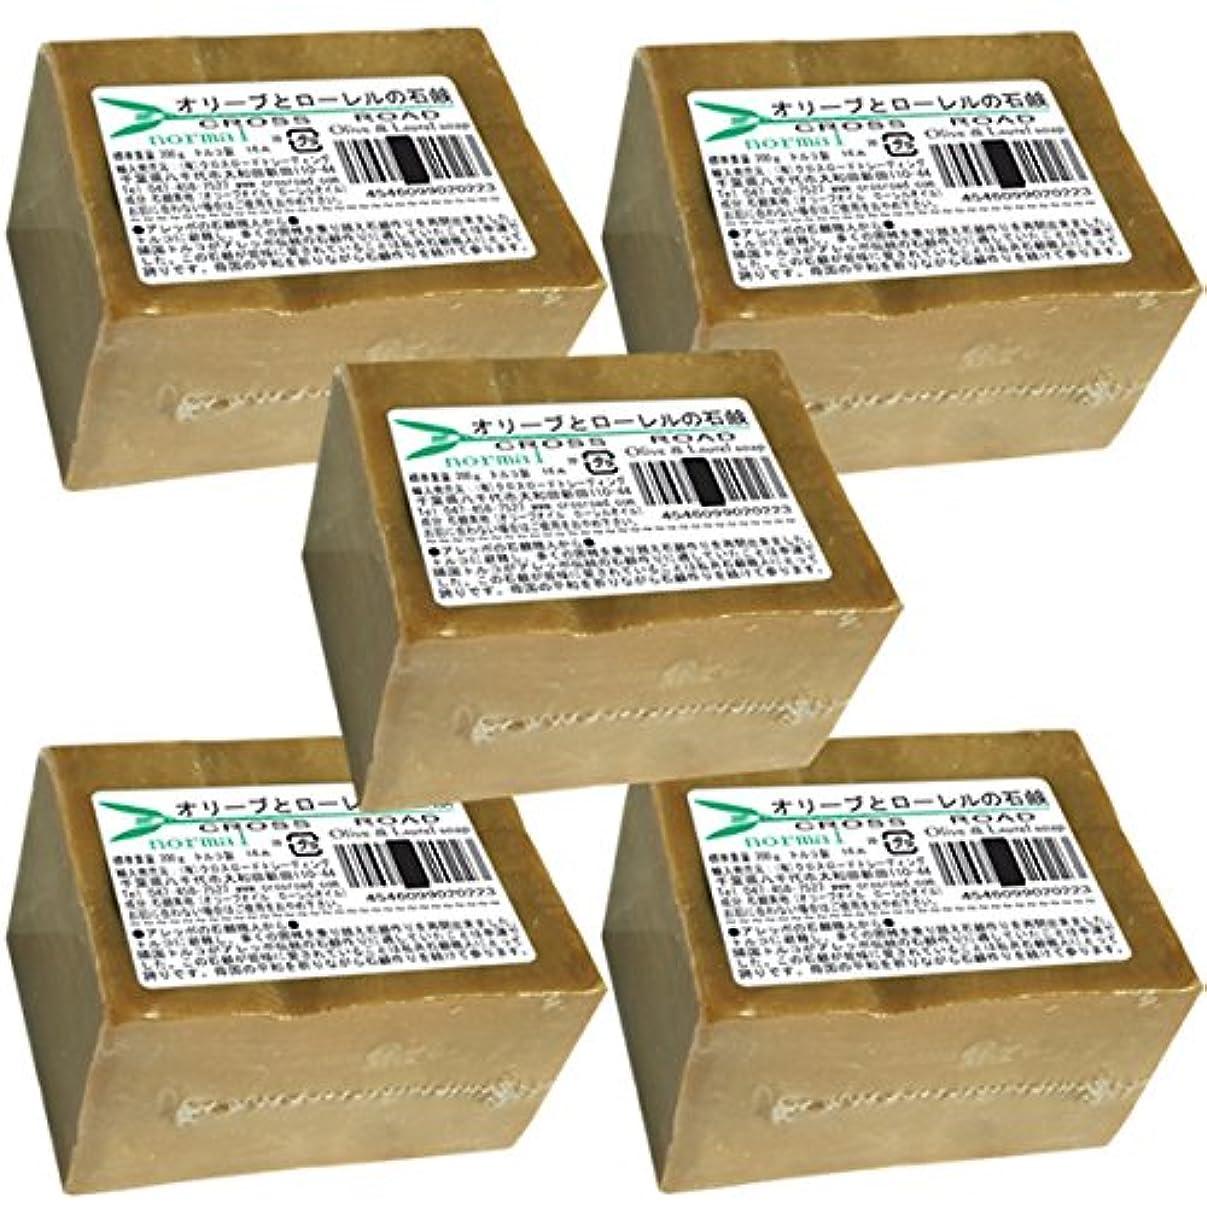 故意の複合肺オリーブとローレルの石鹸(ノーマル)5個セット[並行輸入品]